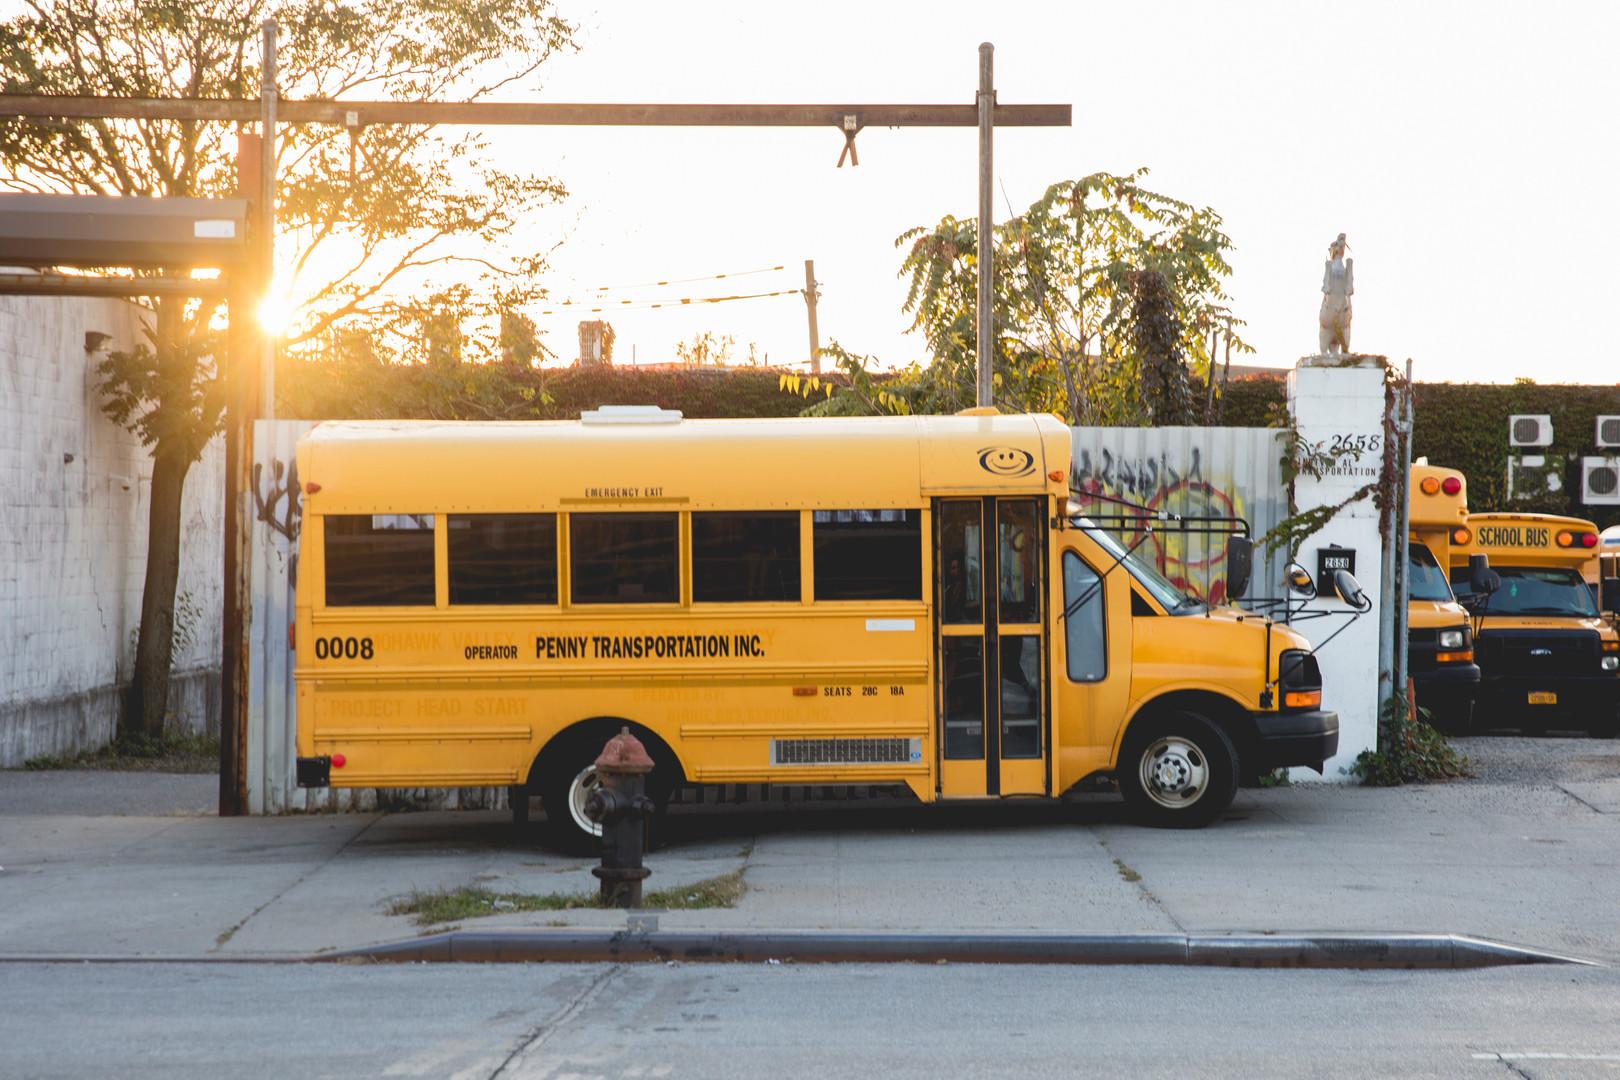 Schoolbus in Coney Island, October 2015